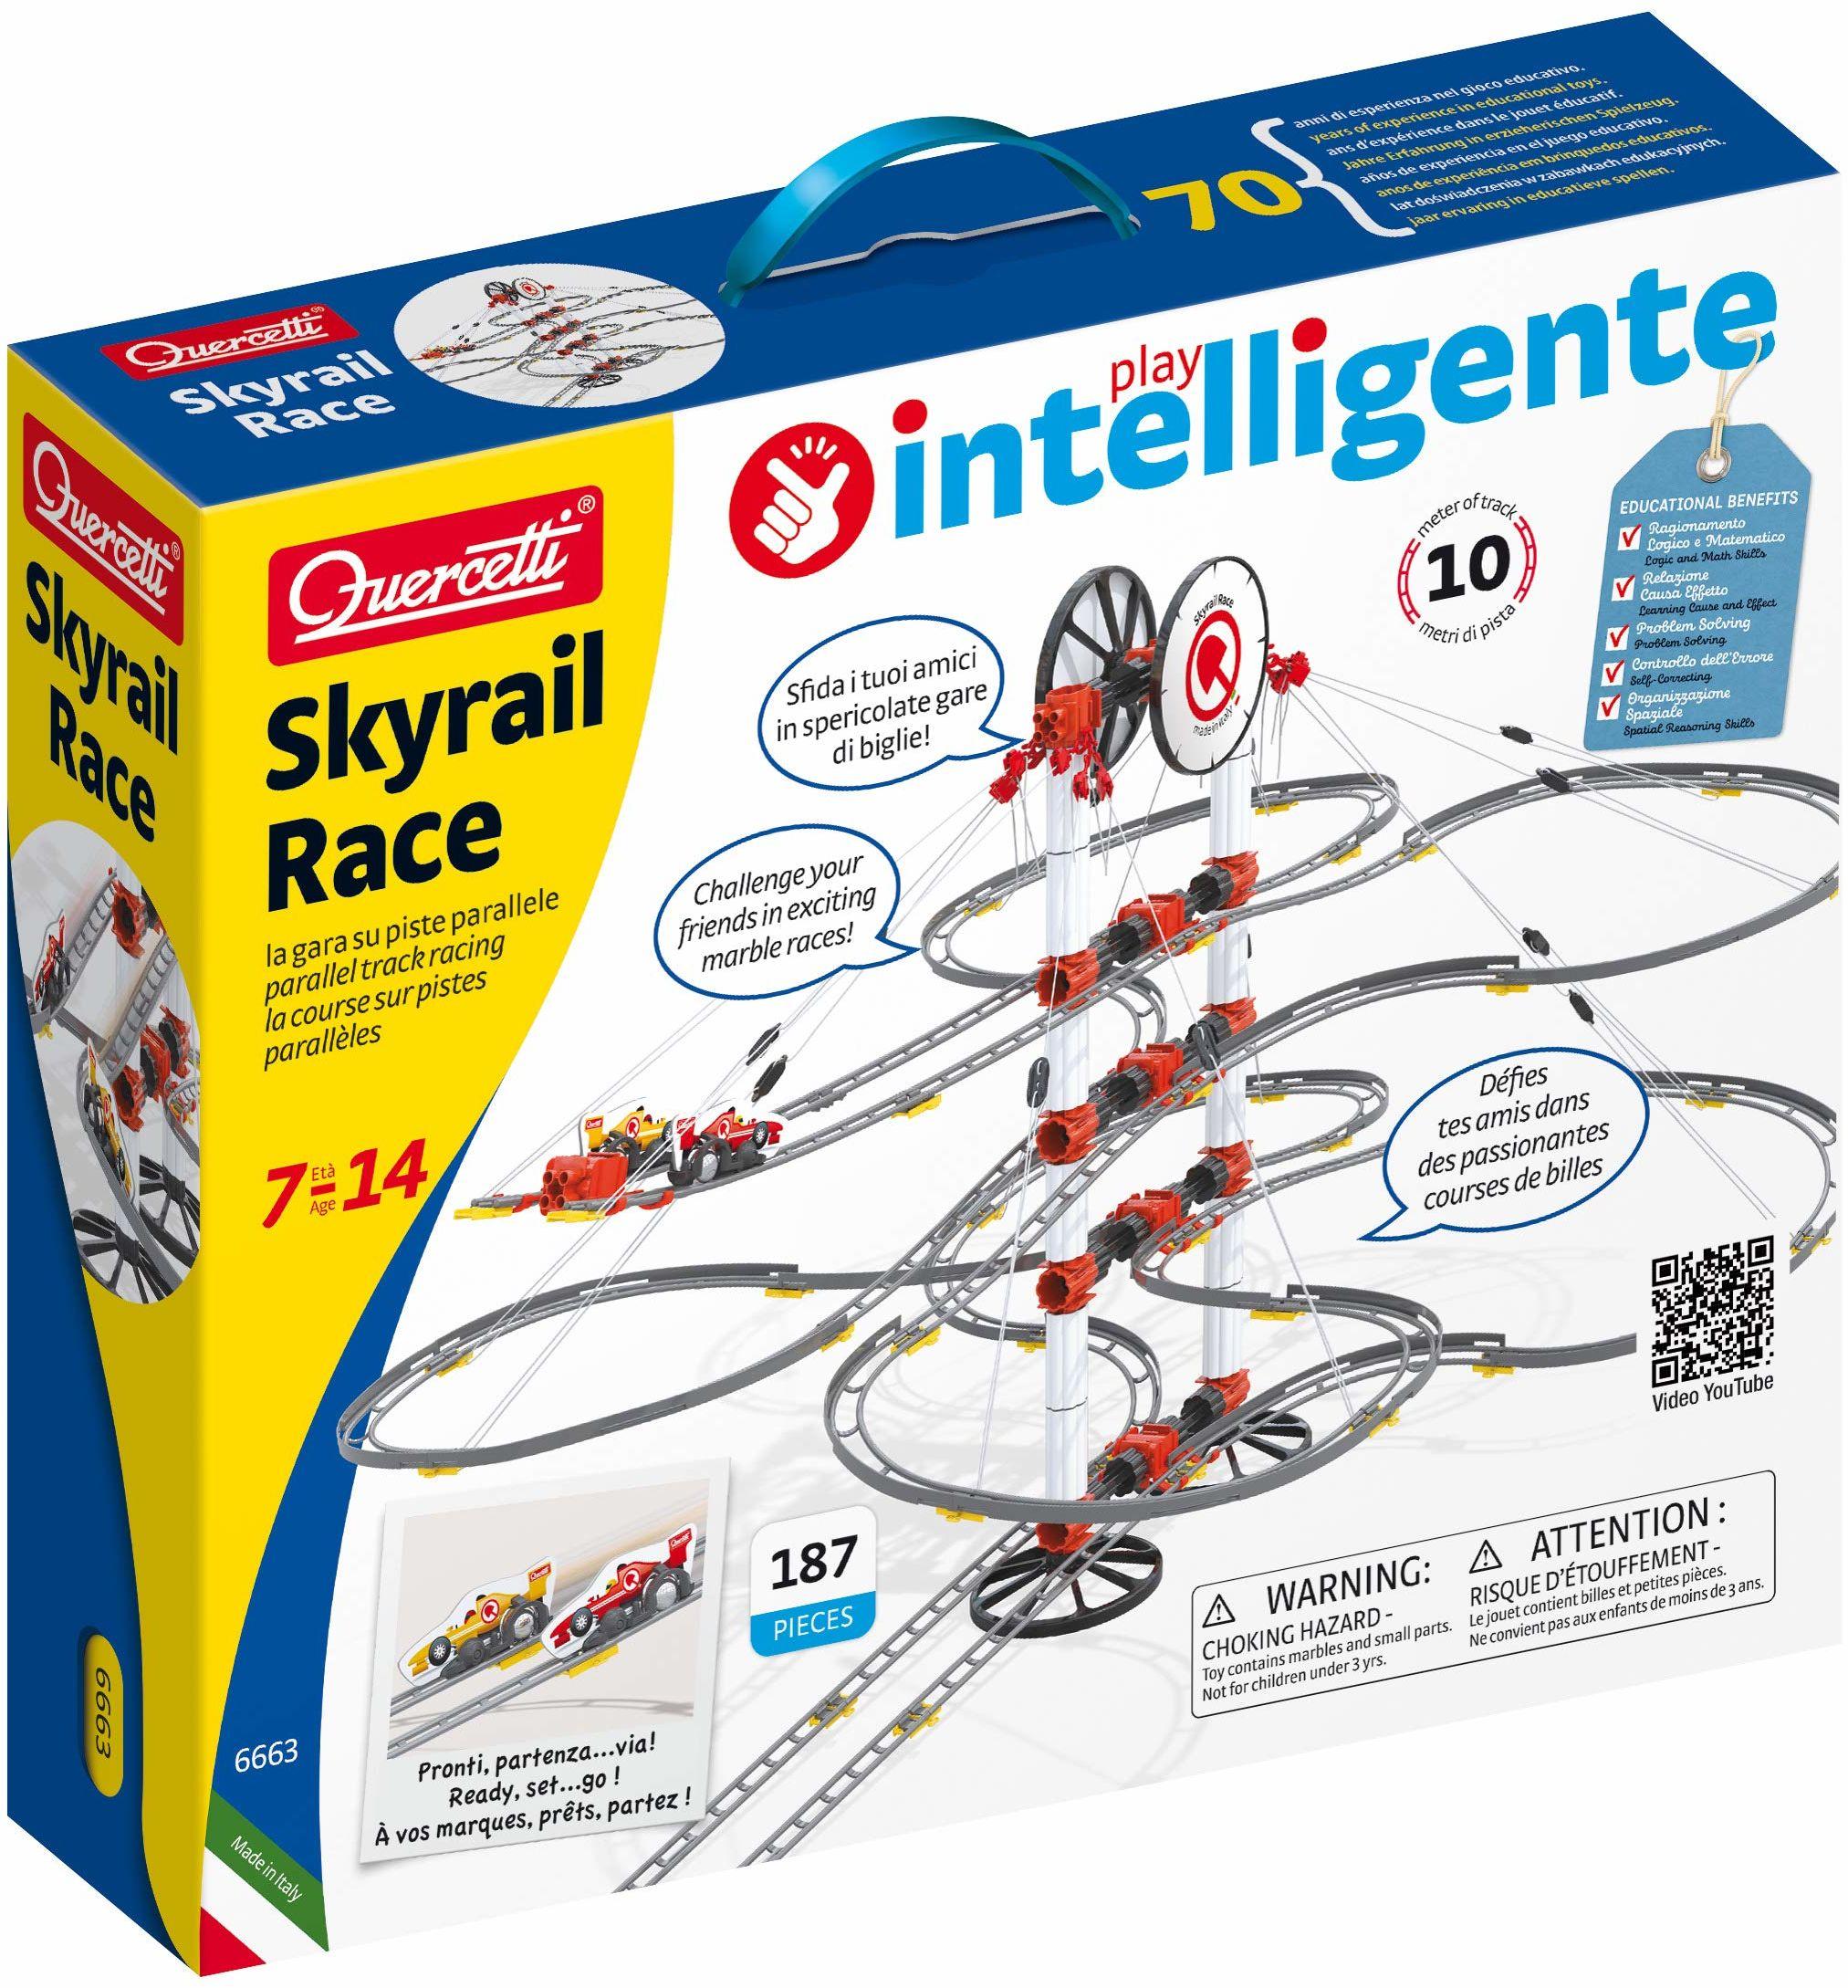 Quercetti 6663 Skyrail Race